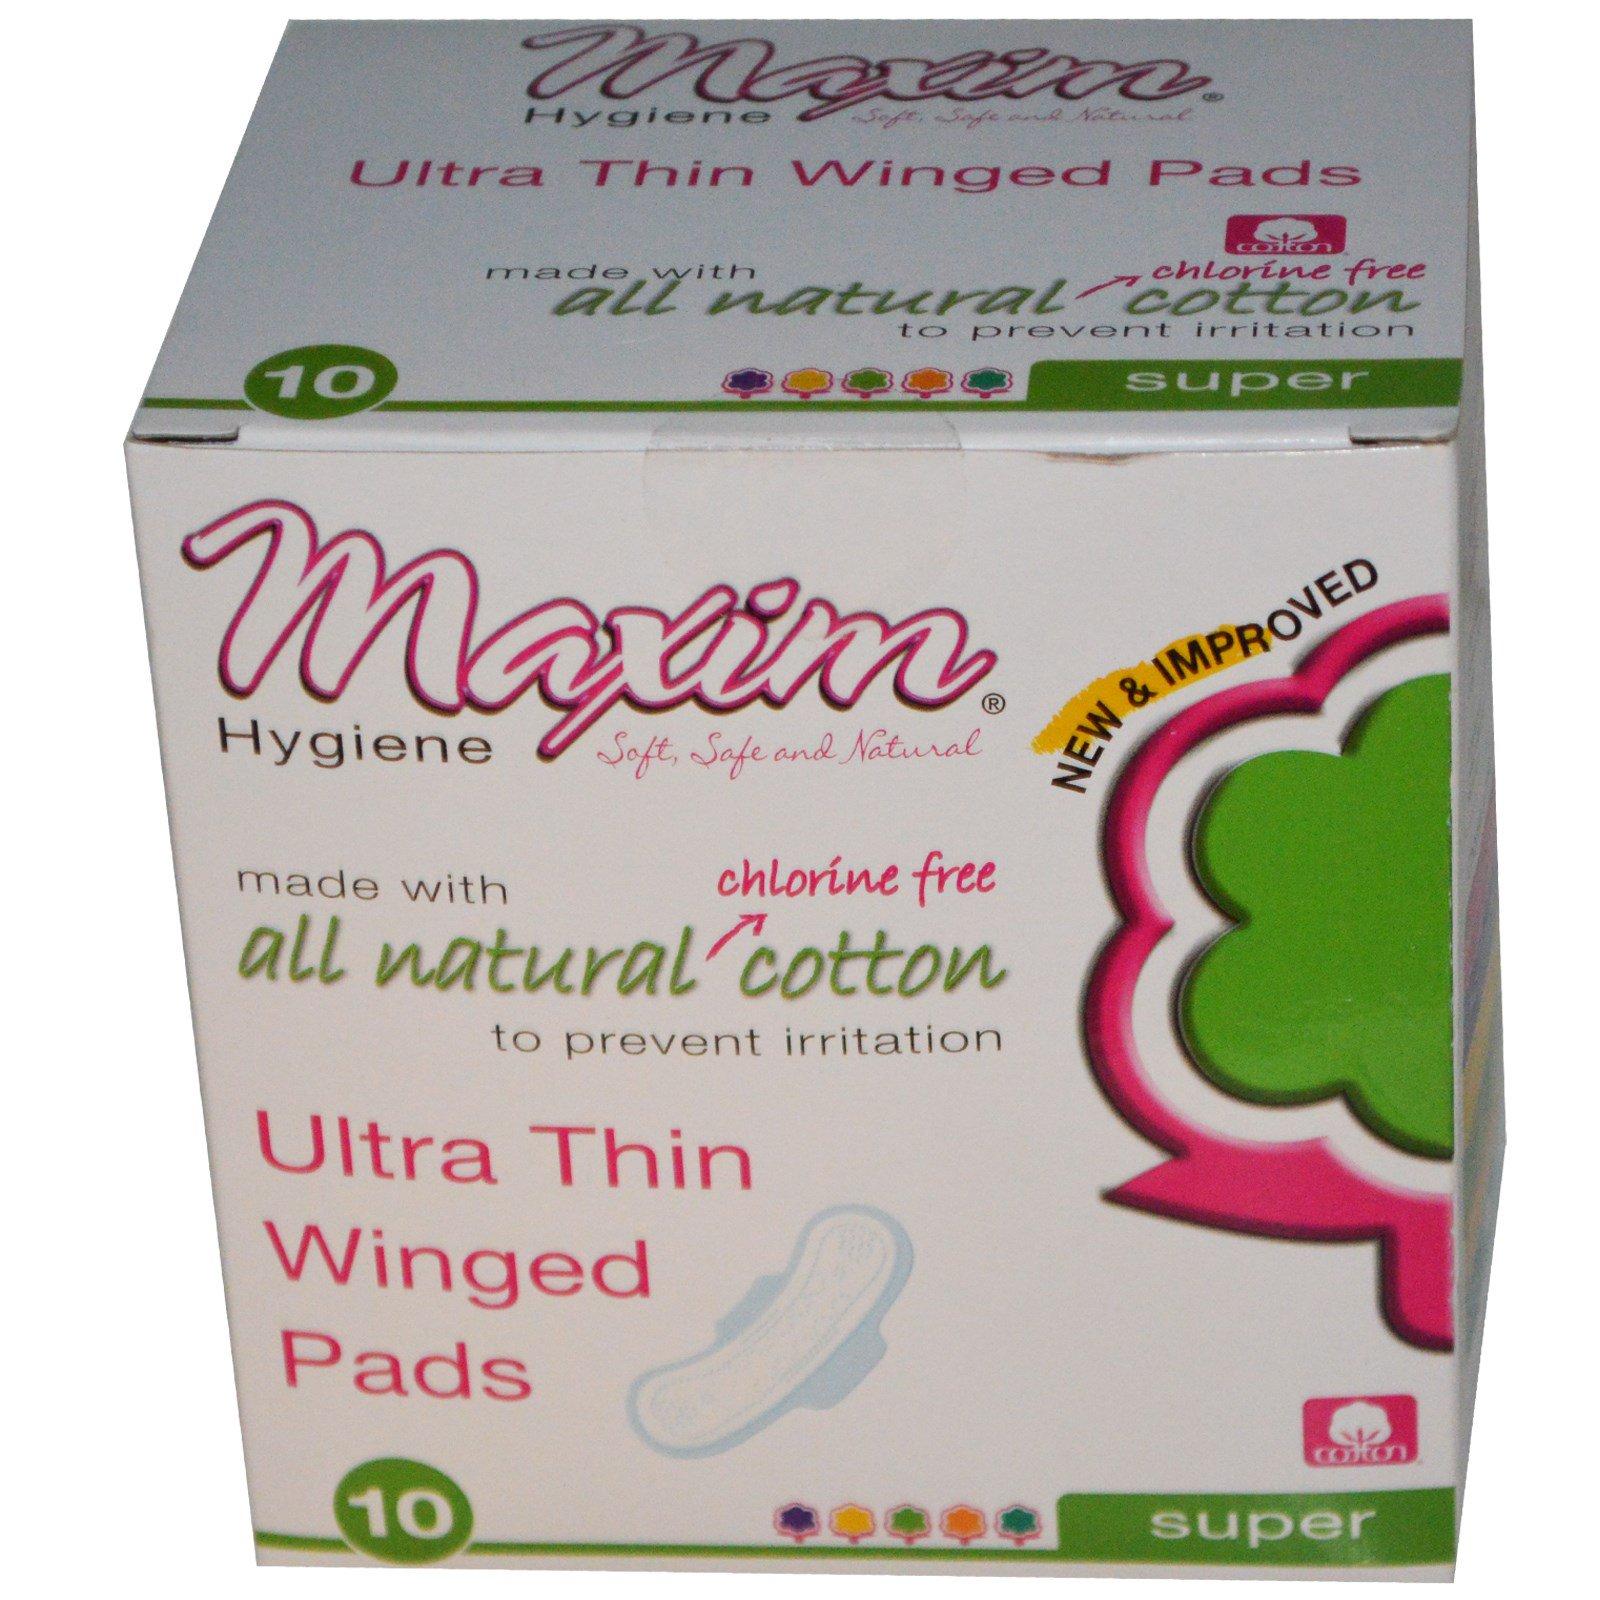 Maxim Hygiene Products, Ультратонкие прокладки с крылышками, супер, 10 прокладок